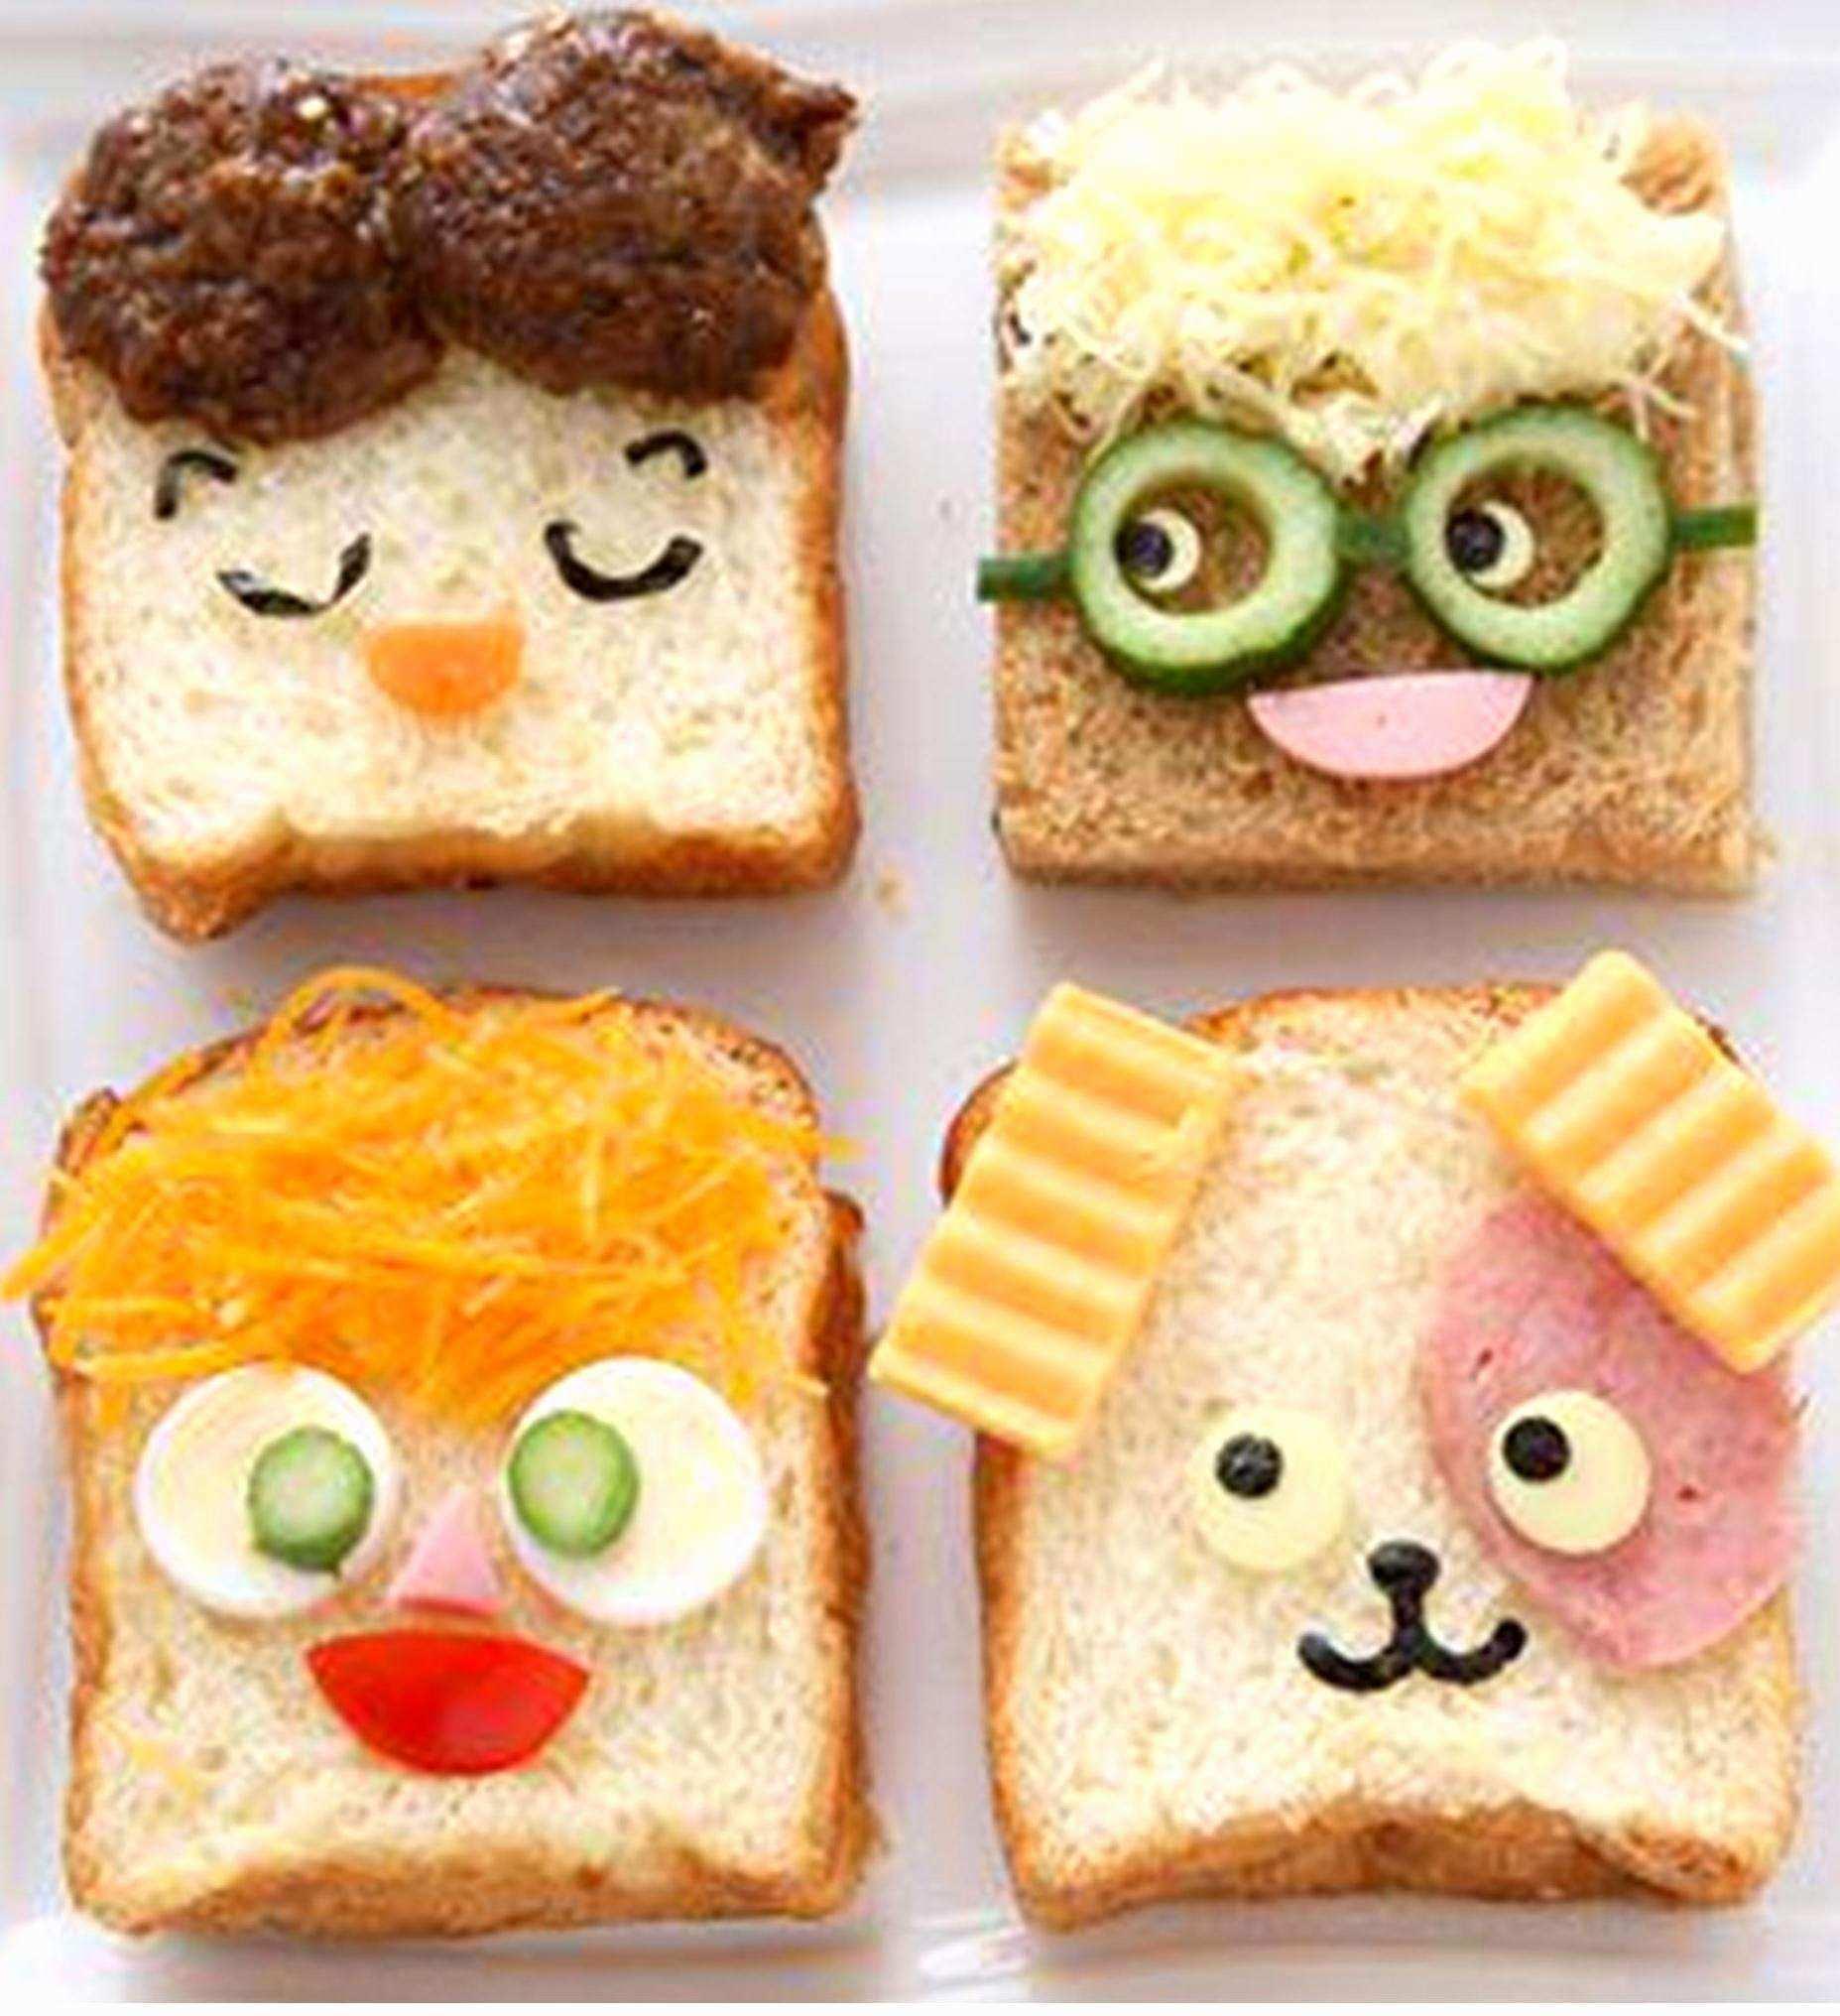 менее картинка прикольного бутерброда фрезеры комплектуются специальным